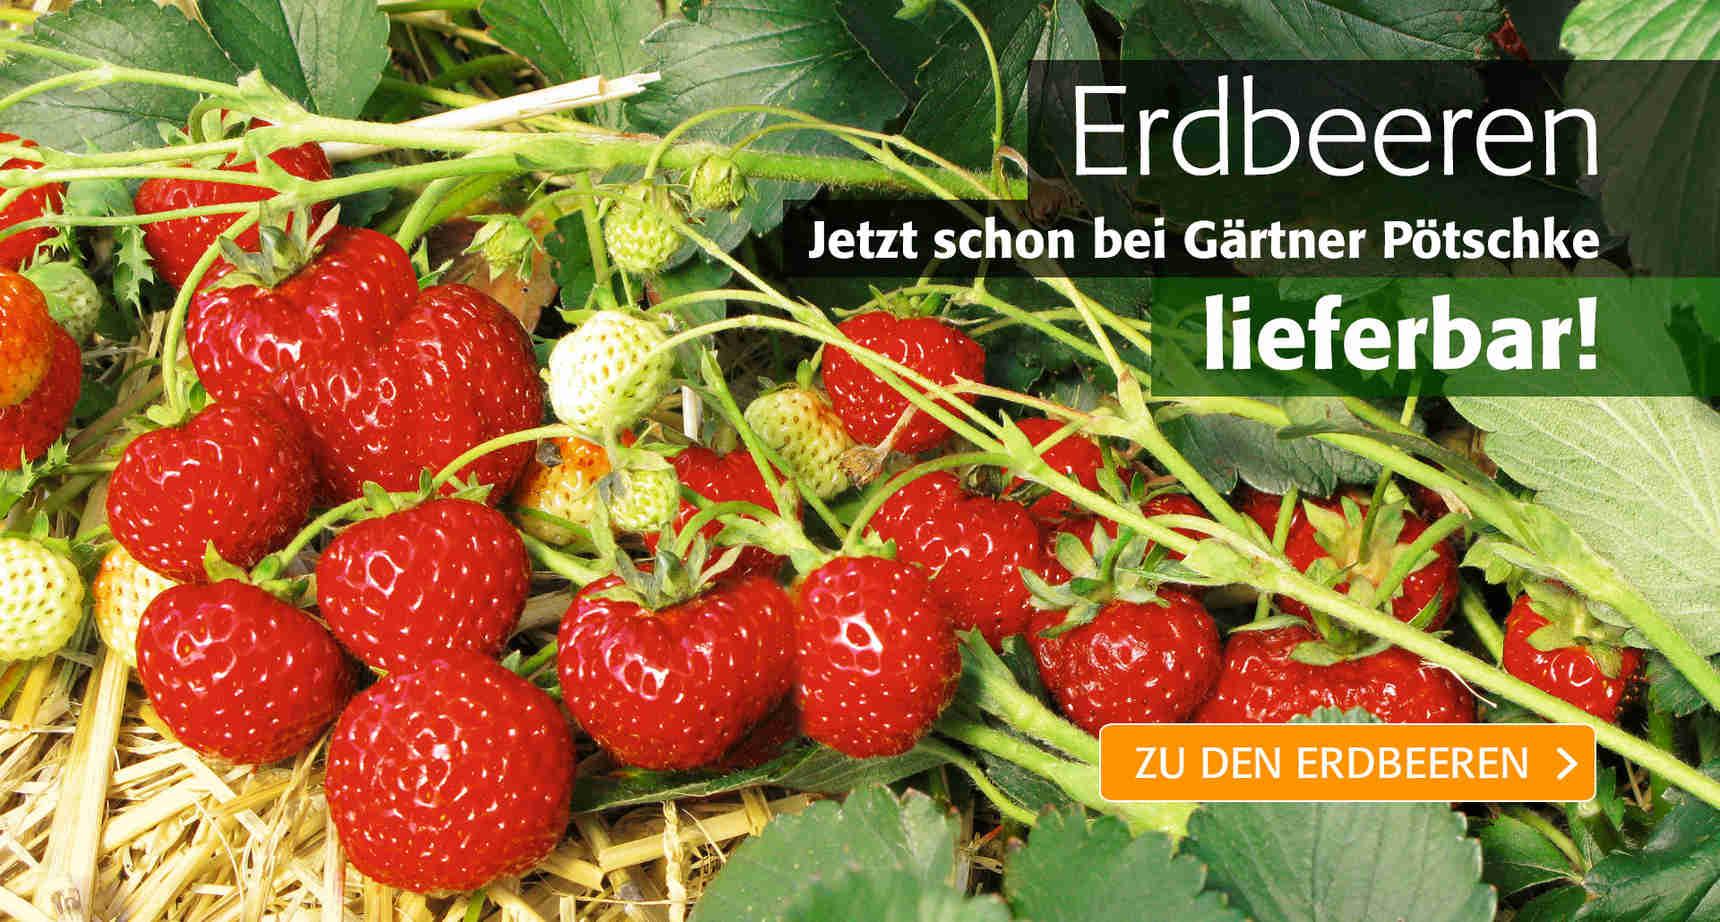 +++ Erdbeeren +++ - 3